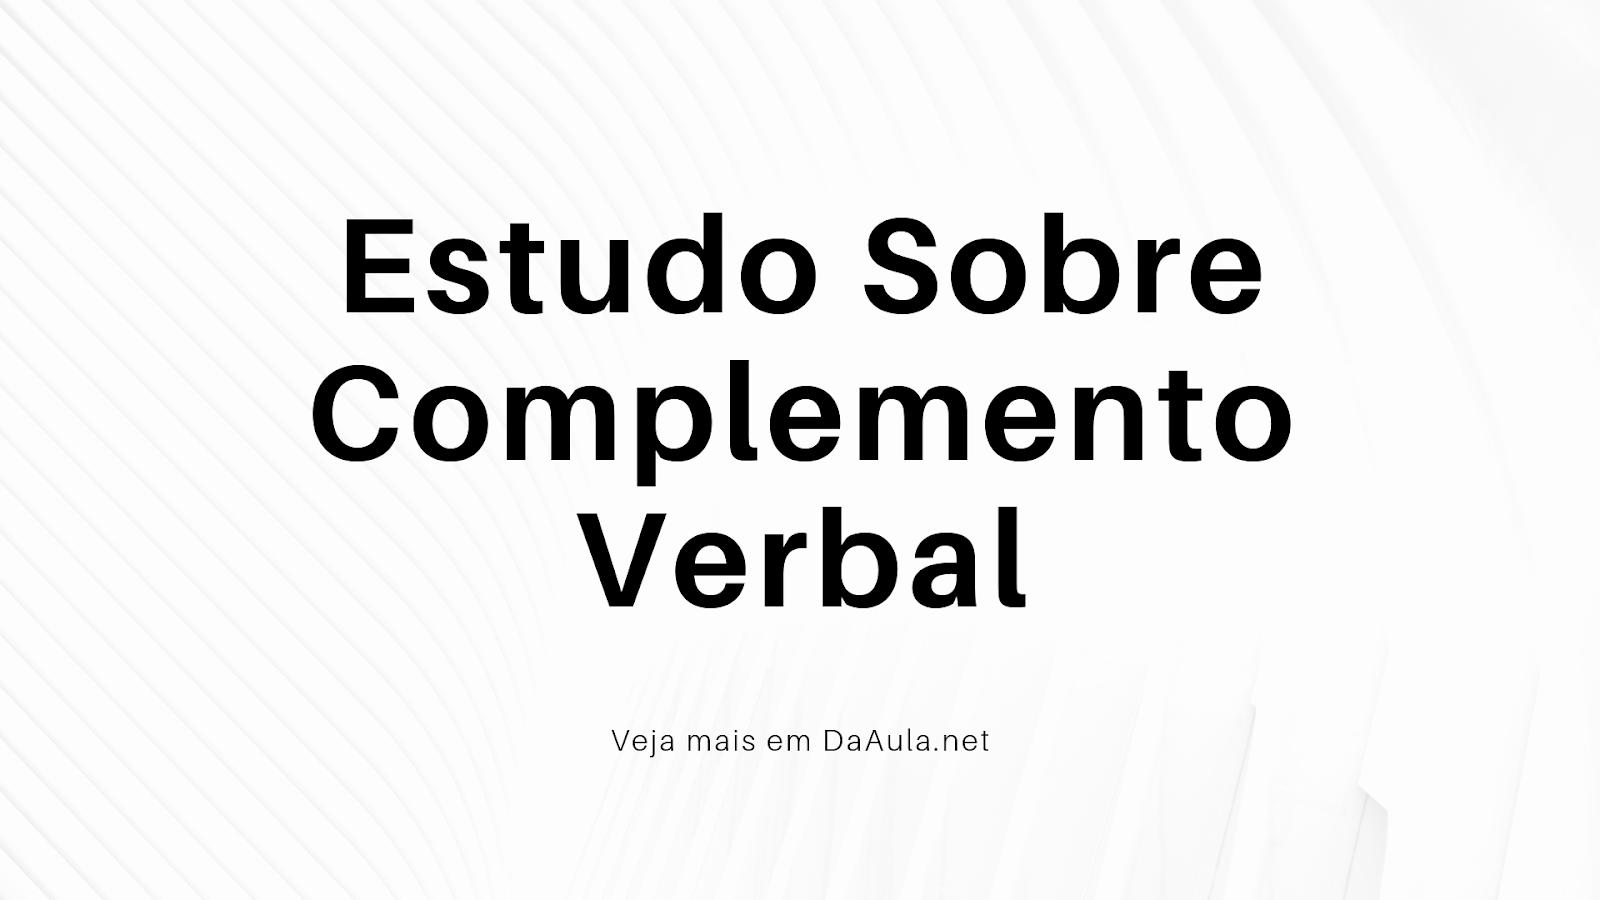 Estudo sobre Complemento Verbal